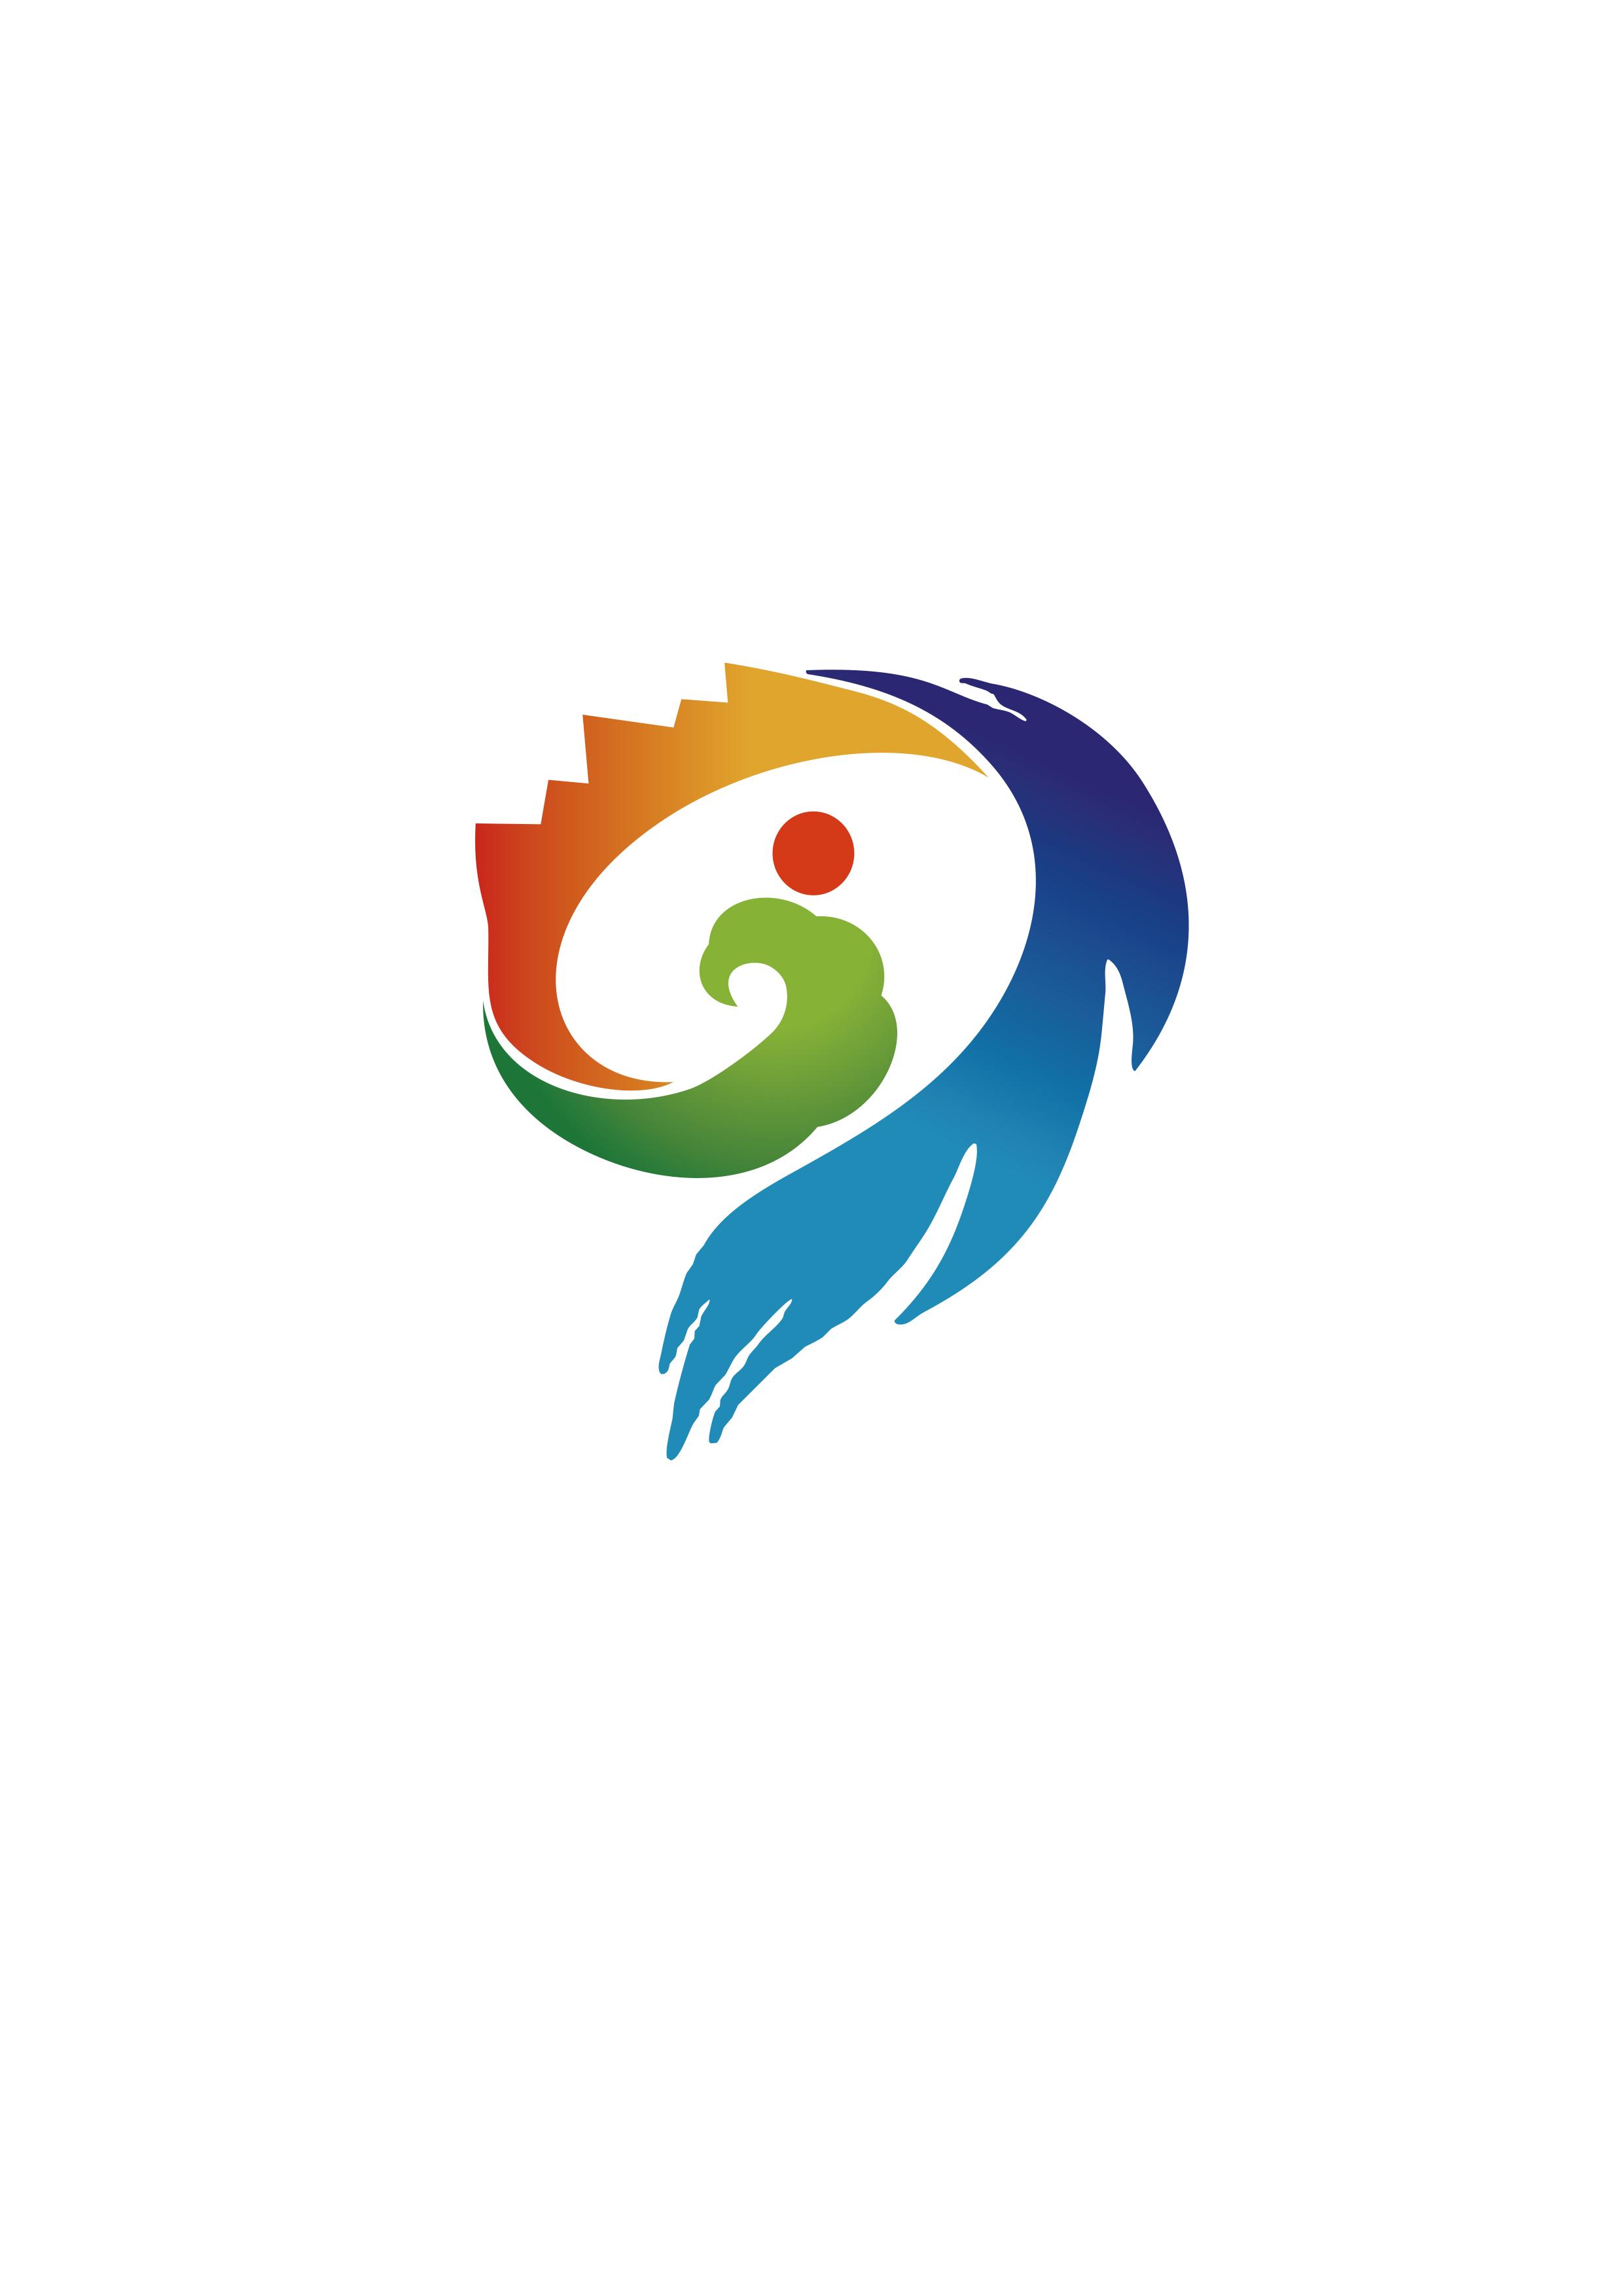 泰安市残疾人联合会-2018中国国际福祉博览会暨中国国际康复博览会